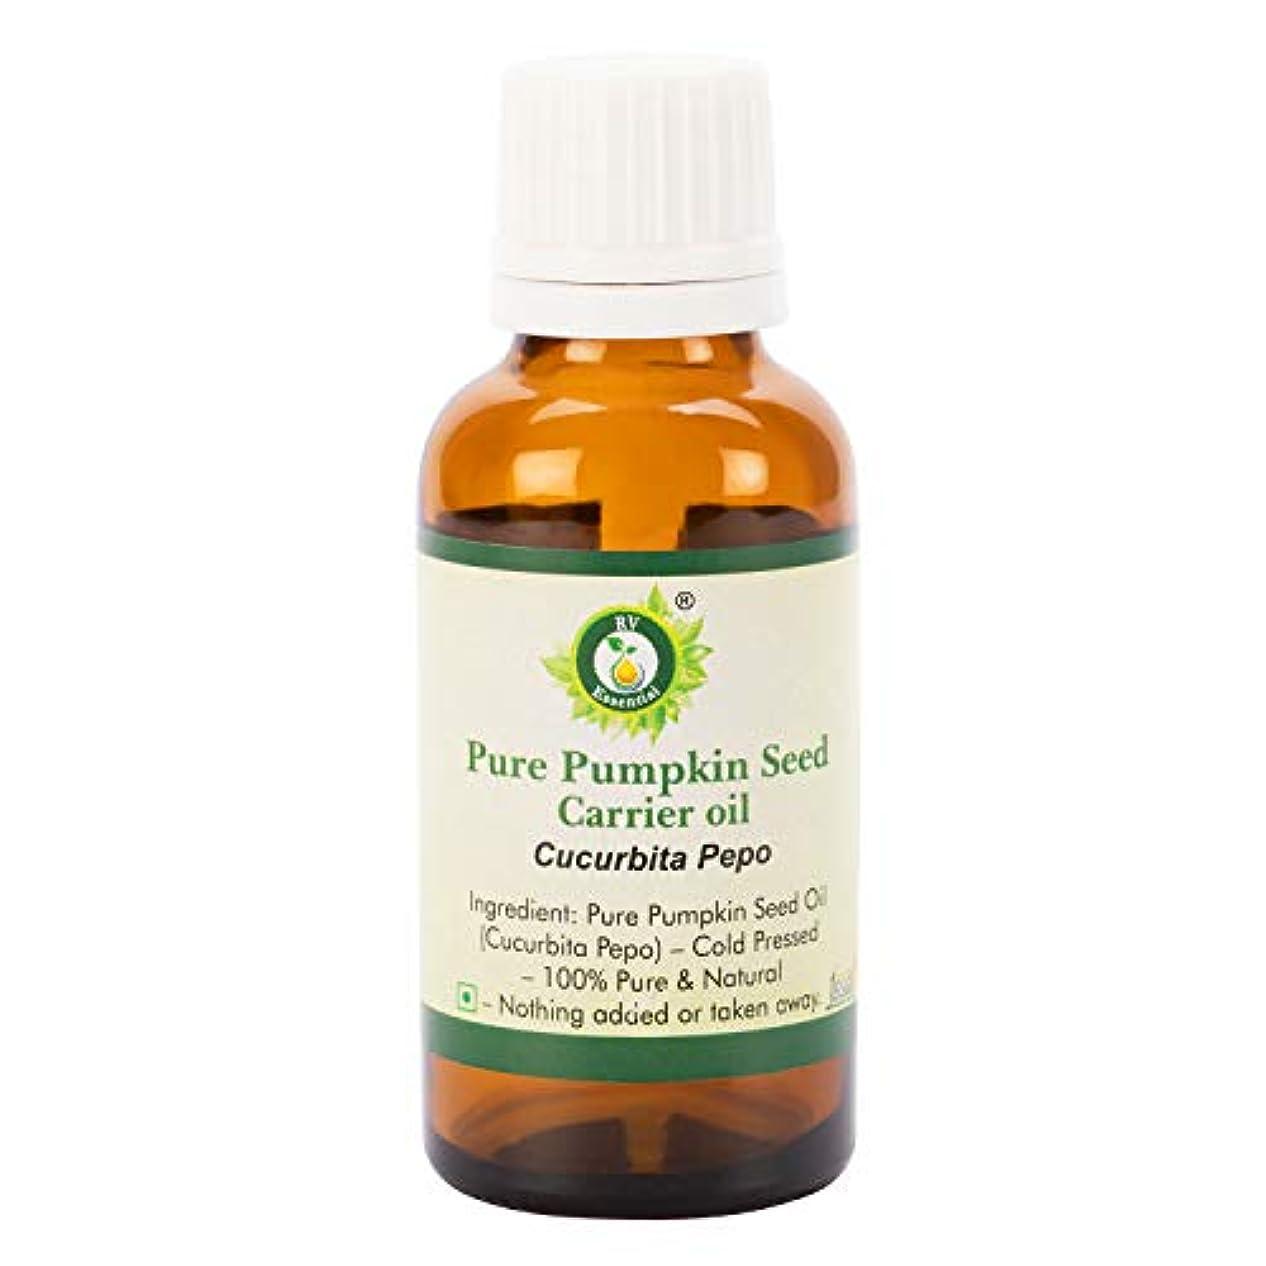 識字間違いなく郡ピュアパンプキンシードオイルキャリア300ml (10oz)- Cucurbita Pepo (100%ピュア&ナチュラルコールドPressed) Pure Pumpkin Seed Carrier Oil